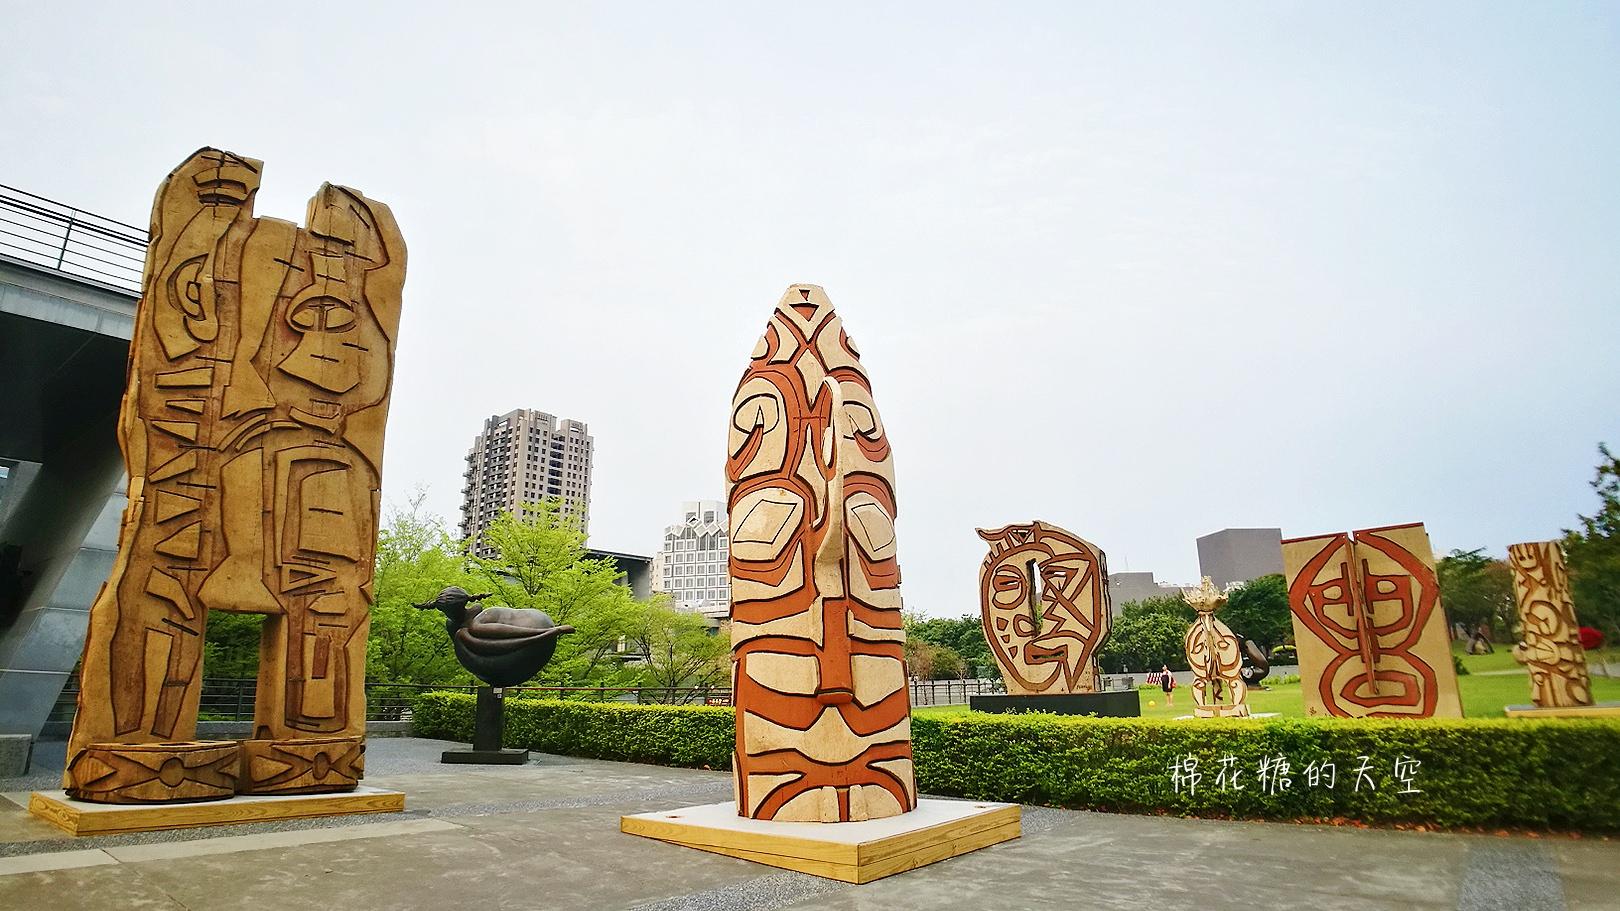 20180319190509 60 - 國立美術館被外星人佔據了?!五層樓高巨型雕塑被巨木圍繞好像電影場景!吳炫三回顧展